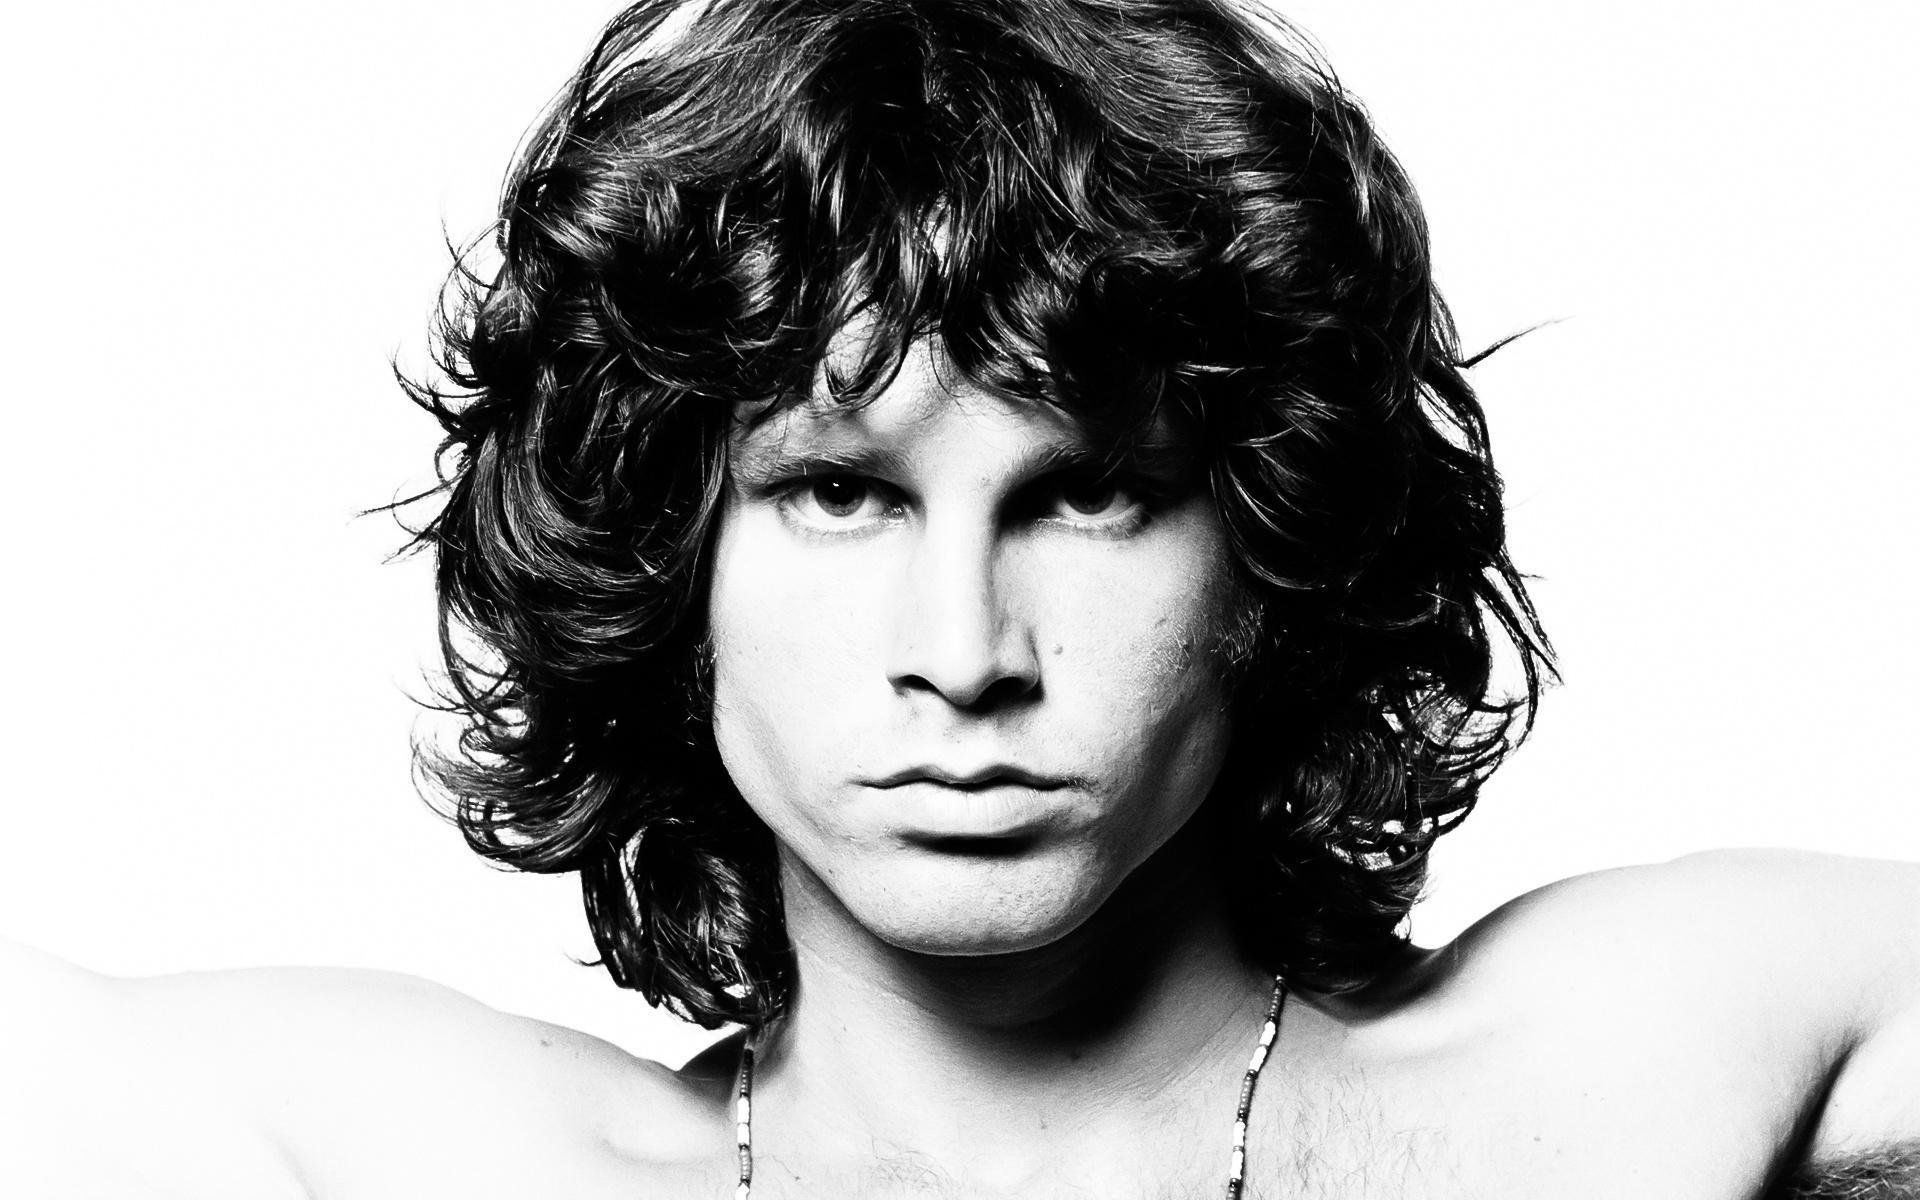 Jim Morrison en 10 frases celebres